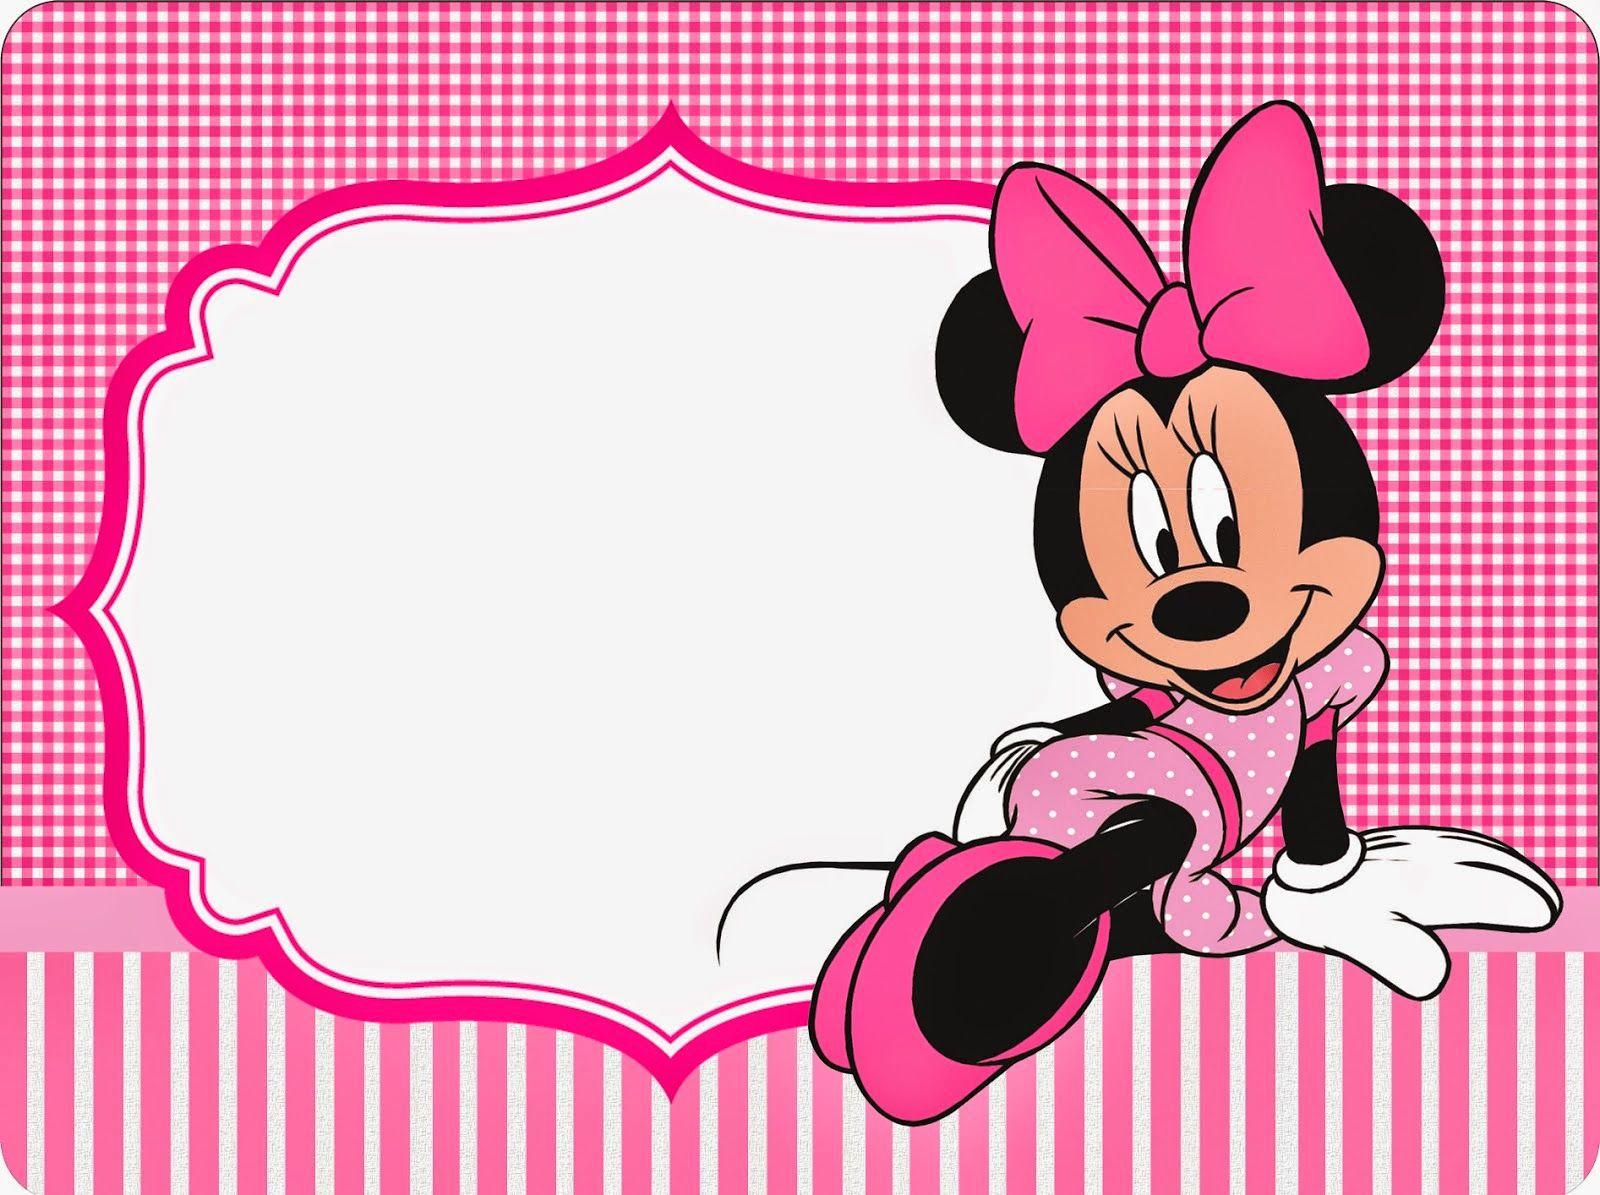 Minnie Cuadros Rosa Invitaciones y Etiquetas para Candy Bar para Imprimir Gratis